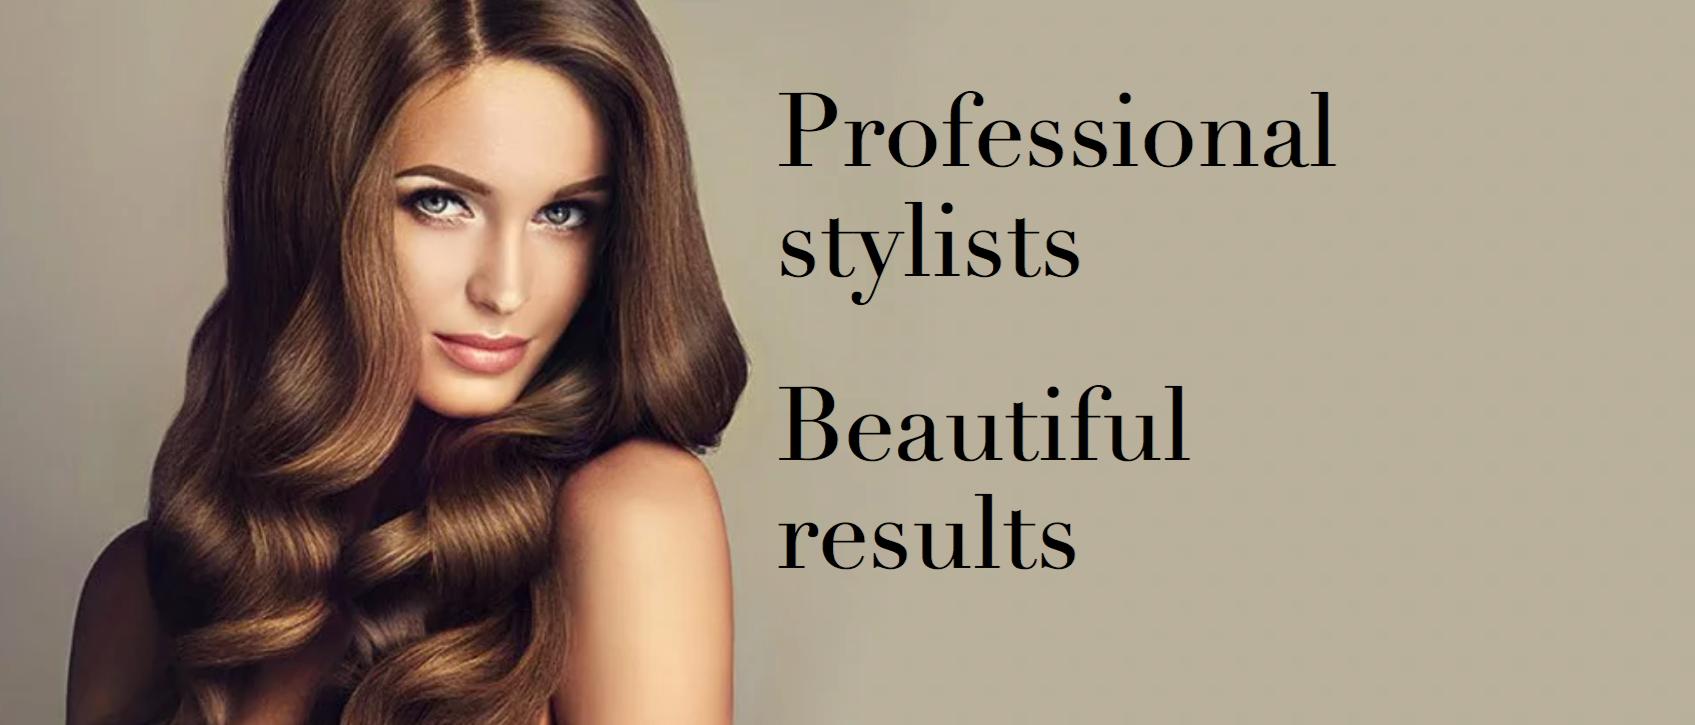 921 Salon & Spa | Huntsville, AL | Hair and Spa Services